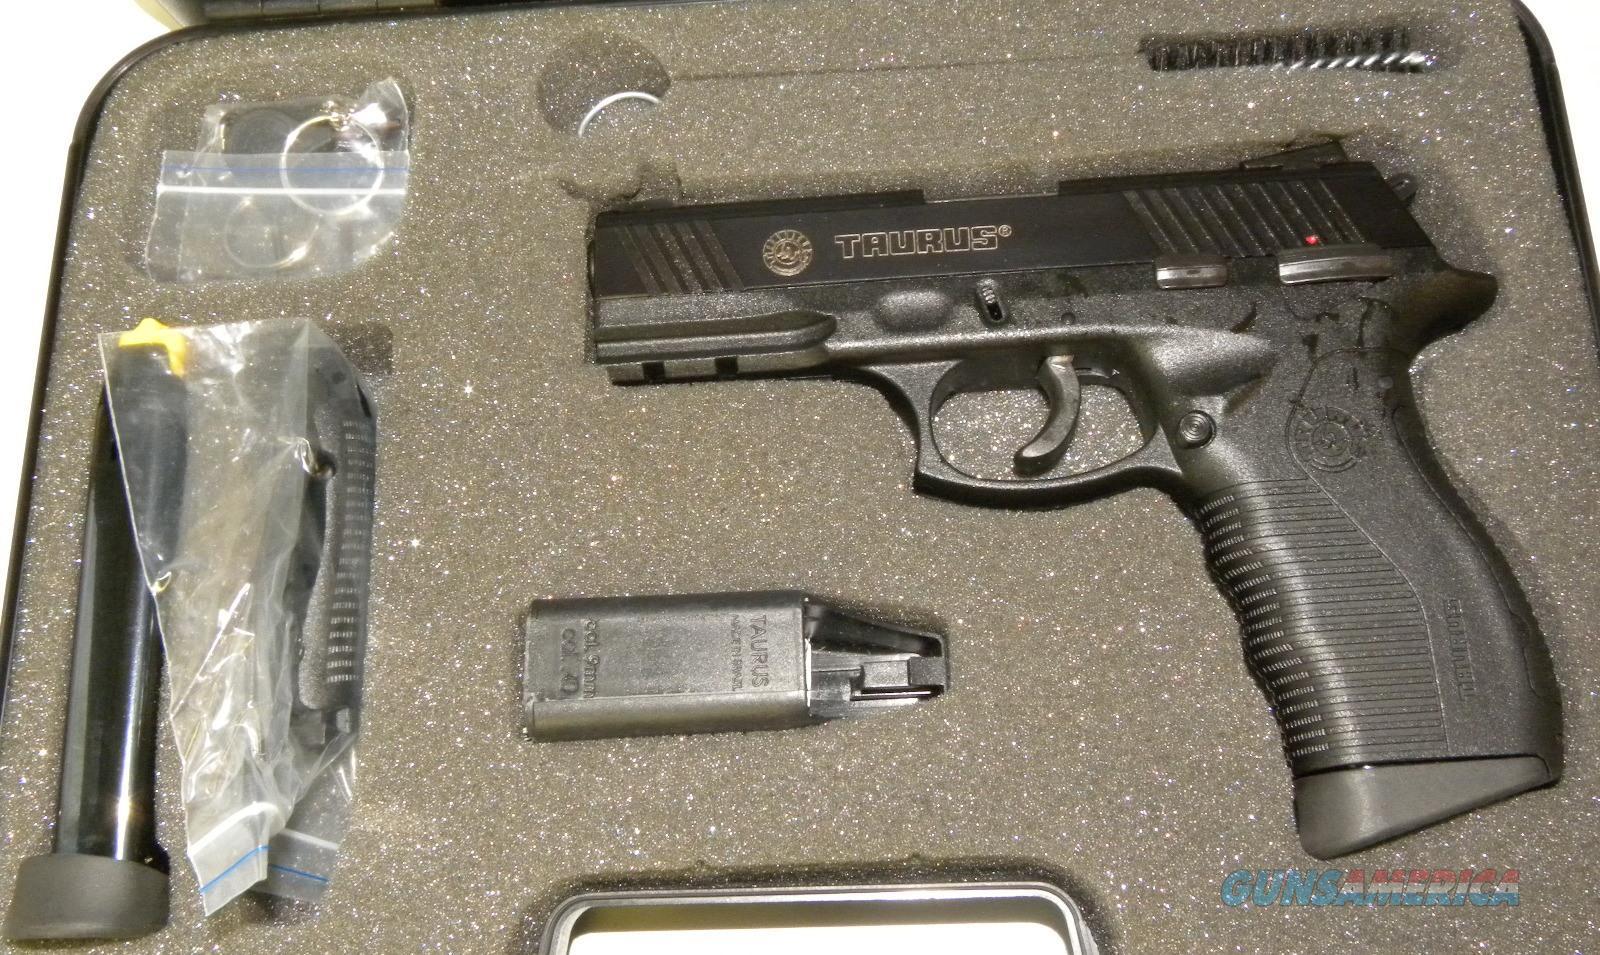 Taurus PT809  Guns > Pistols > Taurus Pistols > Semi Auto Pistols > Polymer Frame